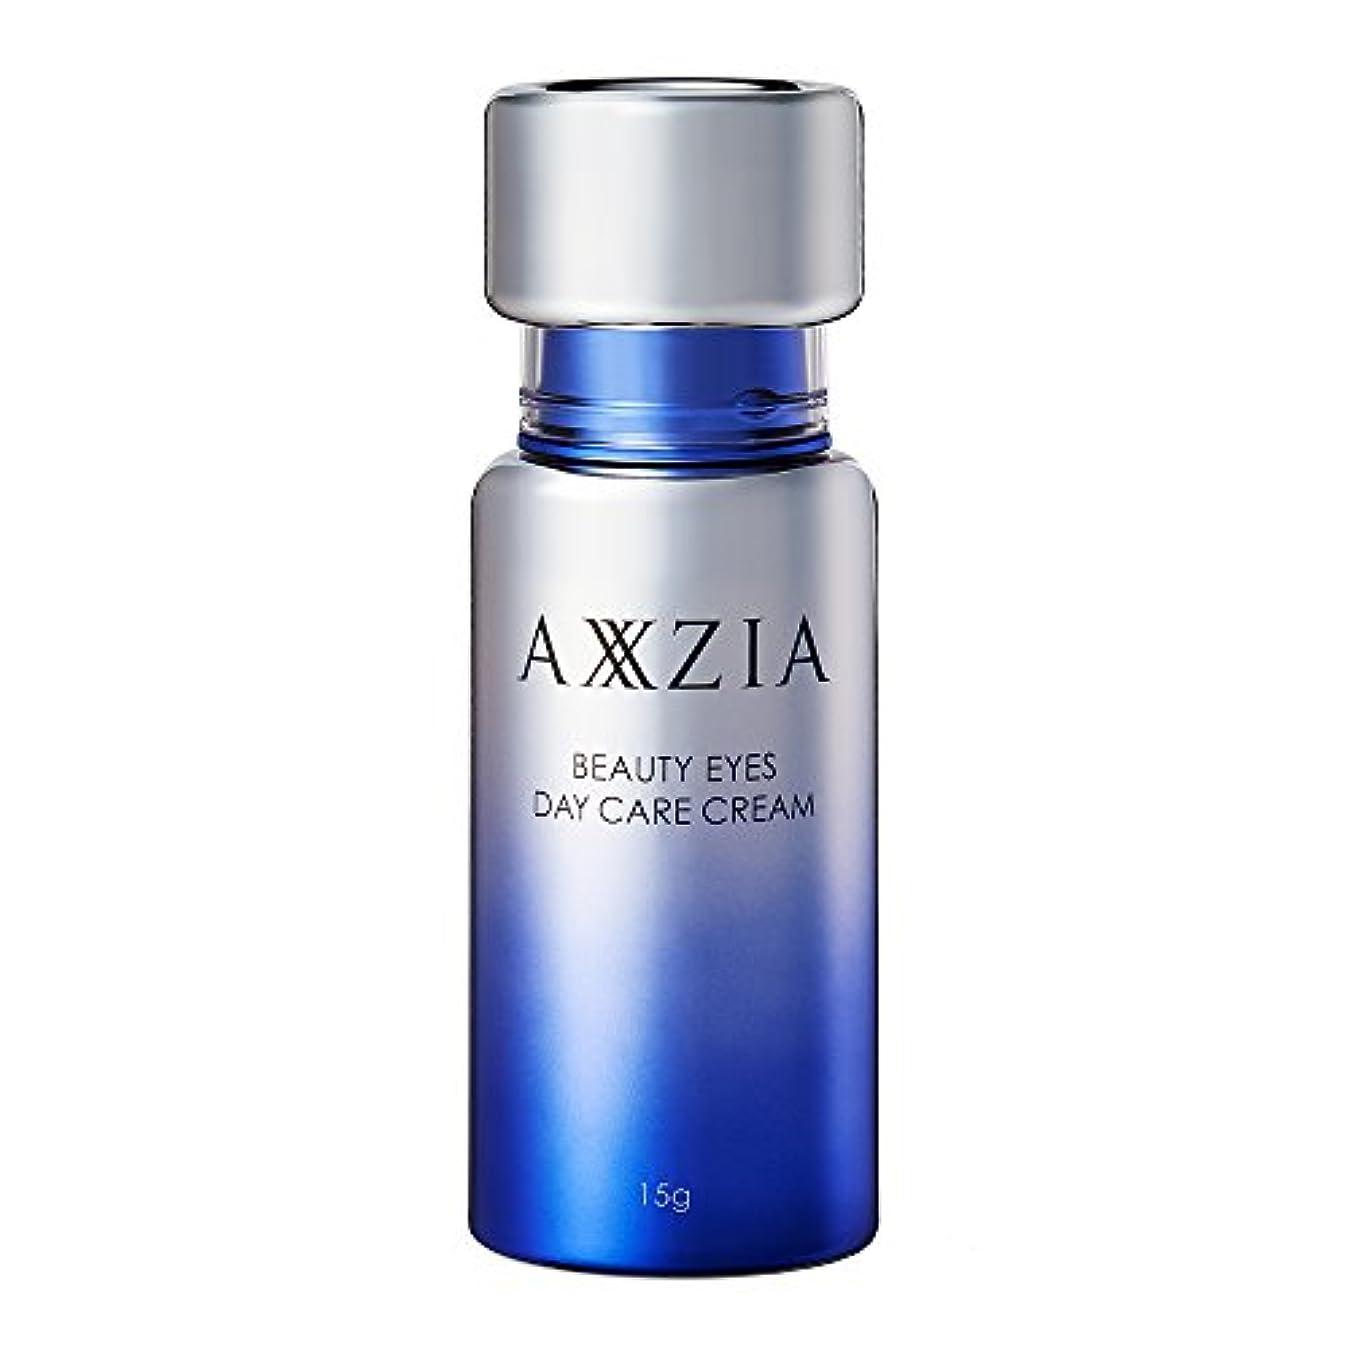 銛カストディアンコメンテーターアクシージア (AXXZIA) ビューティアイズ デイ ケア クリーム 15g | アイクリーム 目の下のたるみ 化粧品 解消 目元のたるみ